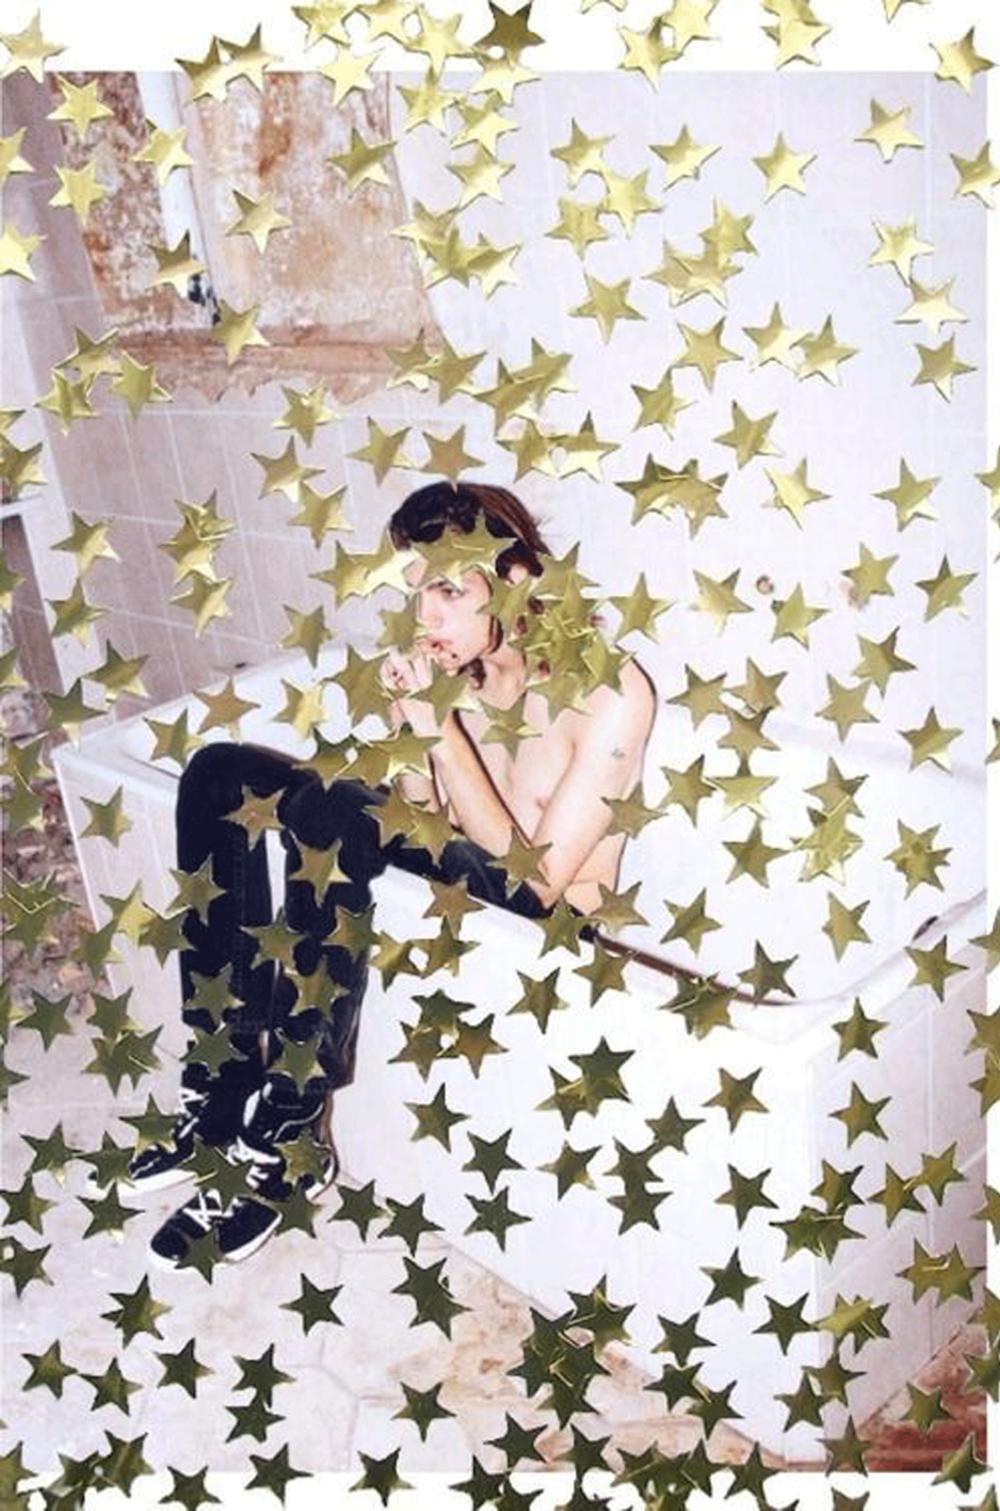 stars | @themissprints